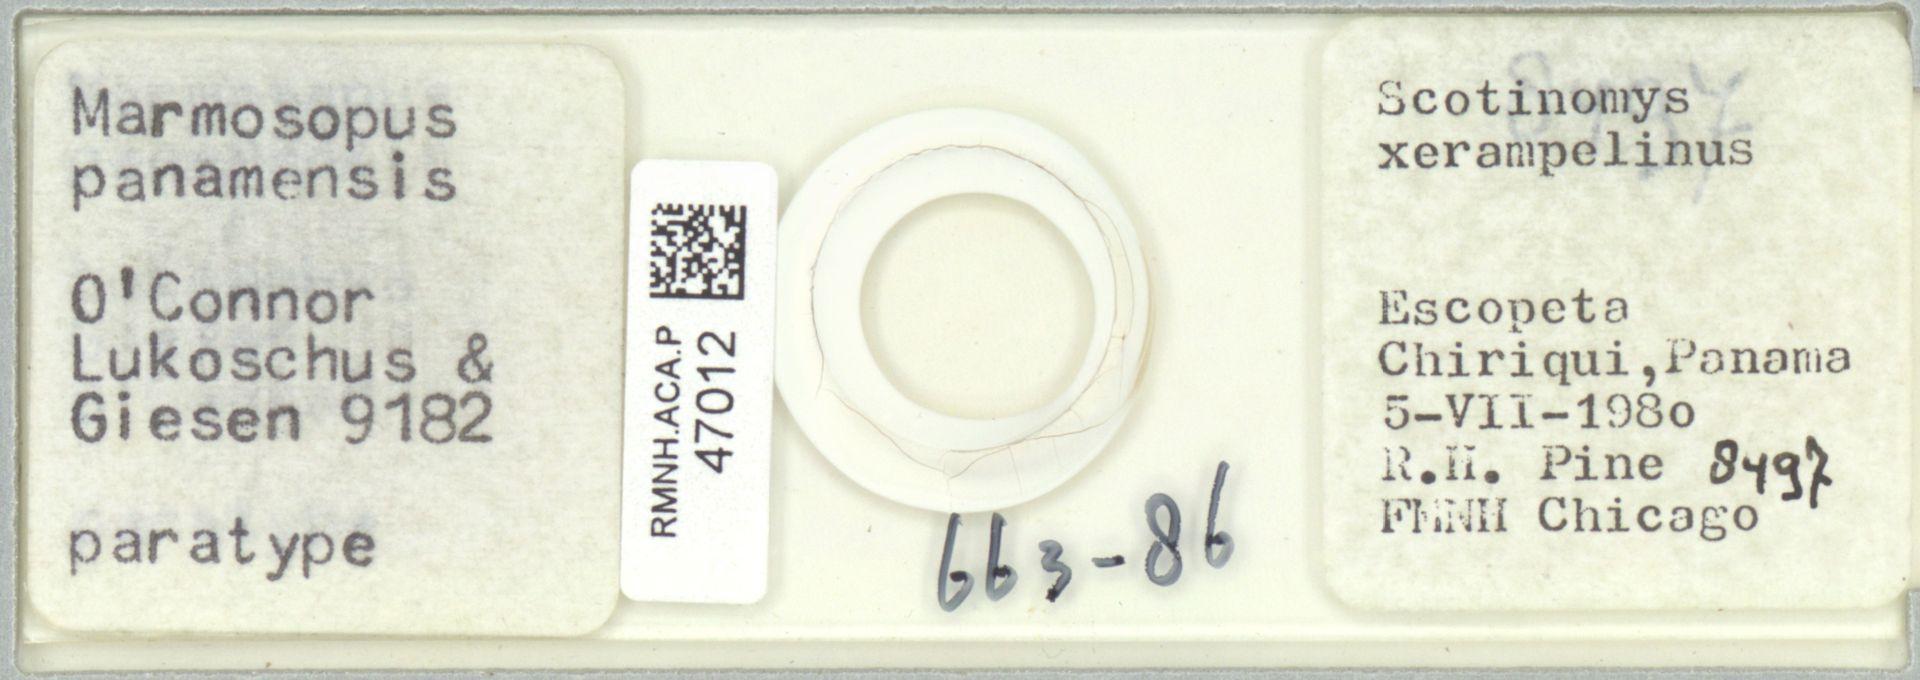 RMNH.ACA.P.47012 | Marmosopus panamensis O'Connor Lukoschus & Giesen 9182